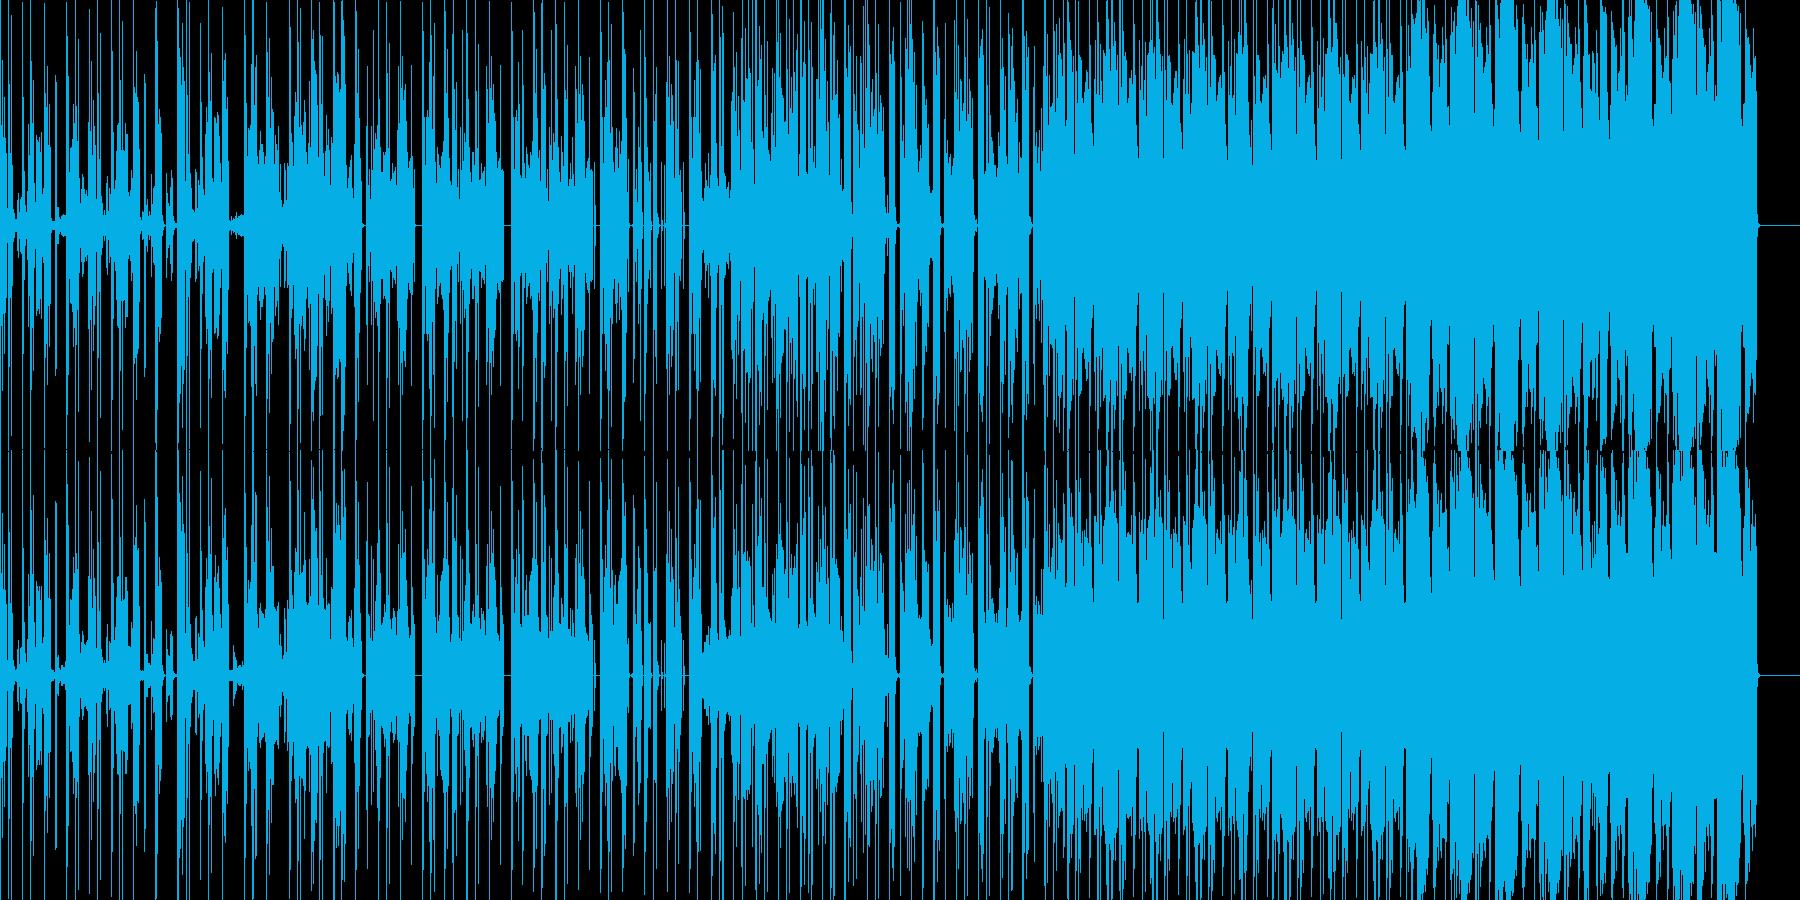 ほのぼのした雰囲気のヒップホップの再生済みの波形